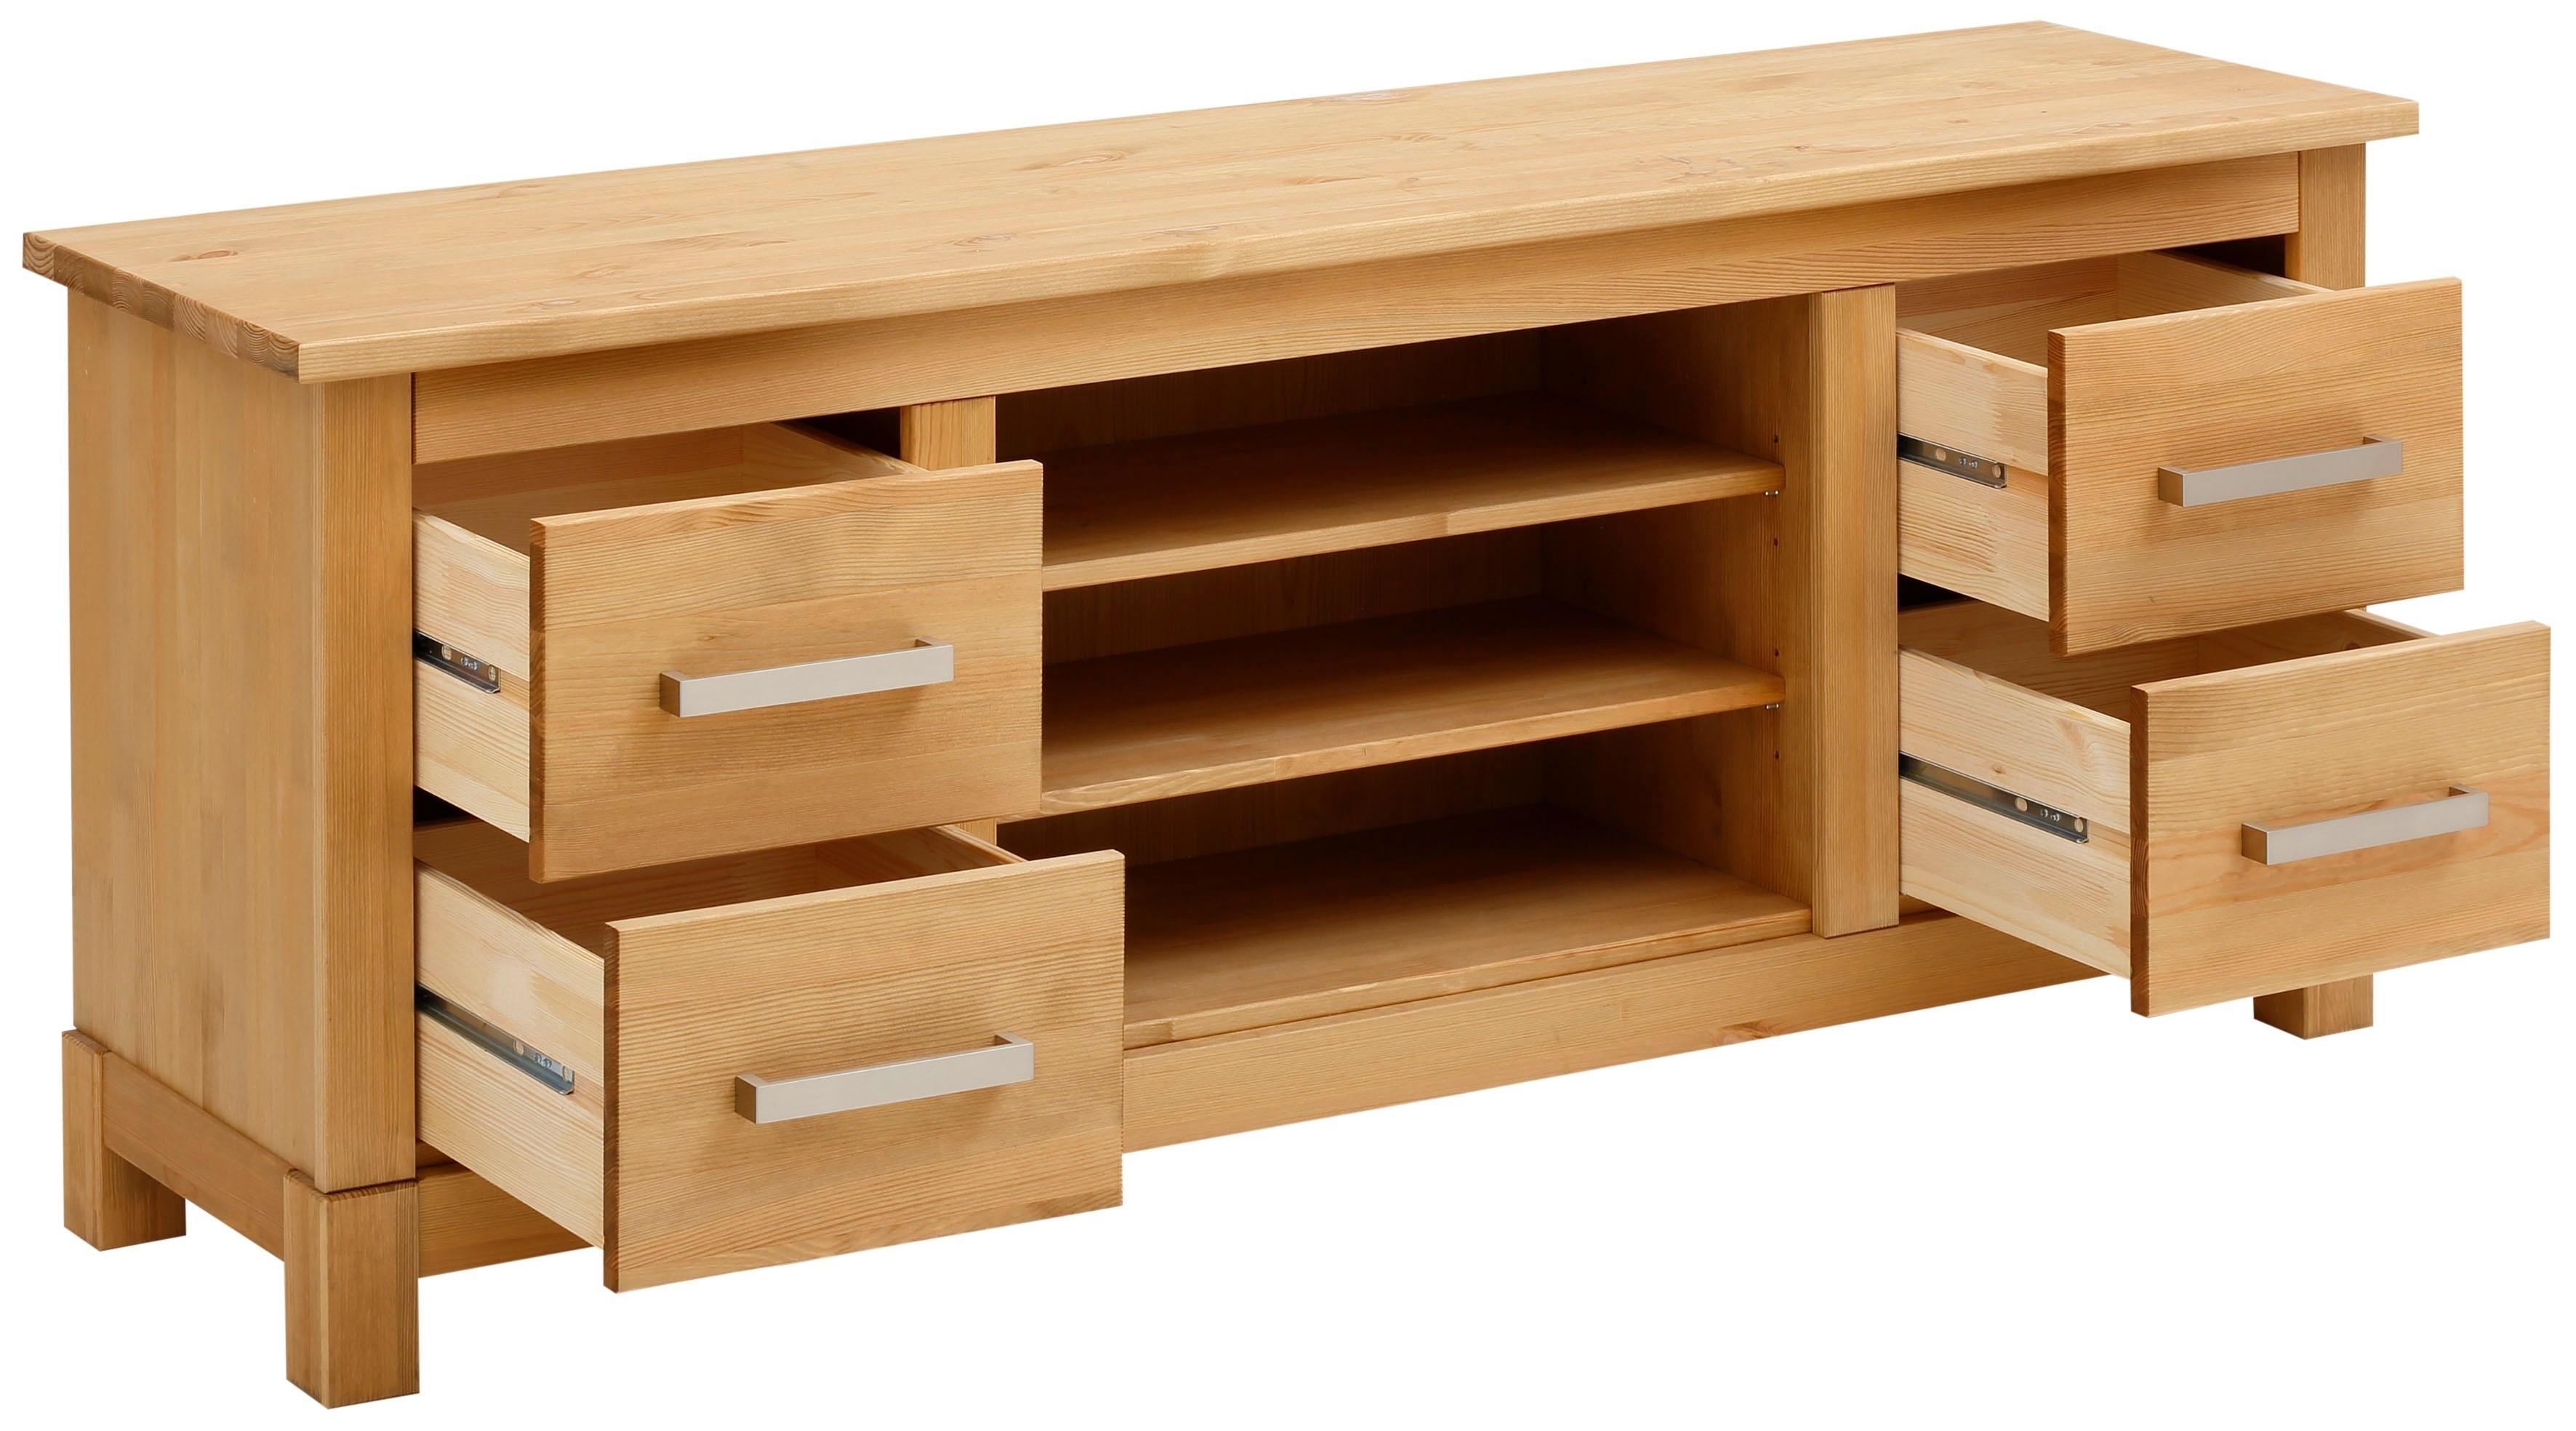 Op zoek naar een Home affaire tv-meubel »Elta«? Koop online bij OTTO